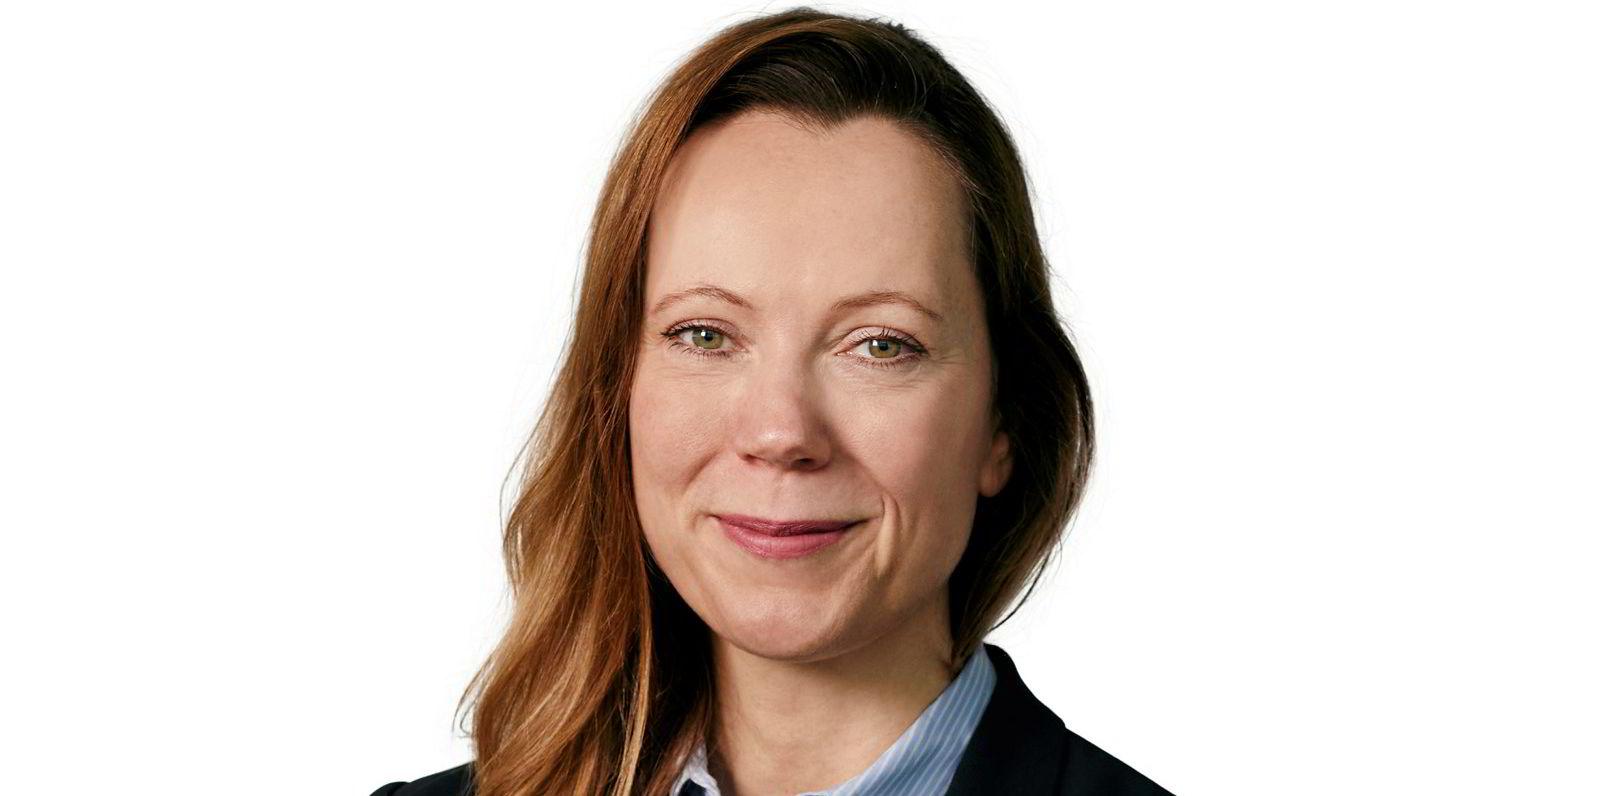 توربينات رياح شركة فيستاس - رئيس قسم الاستدامة في فيستاس، ليزا إيكستراند